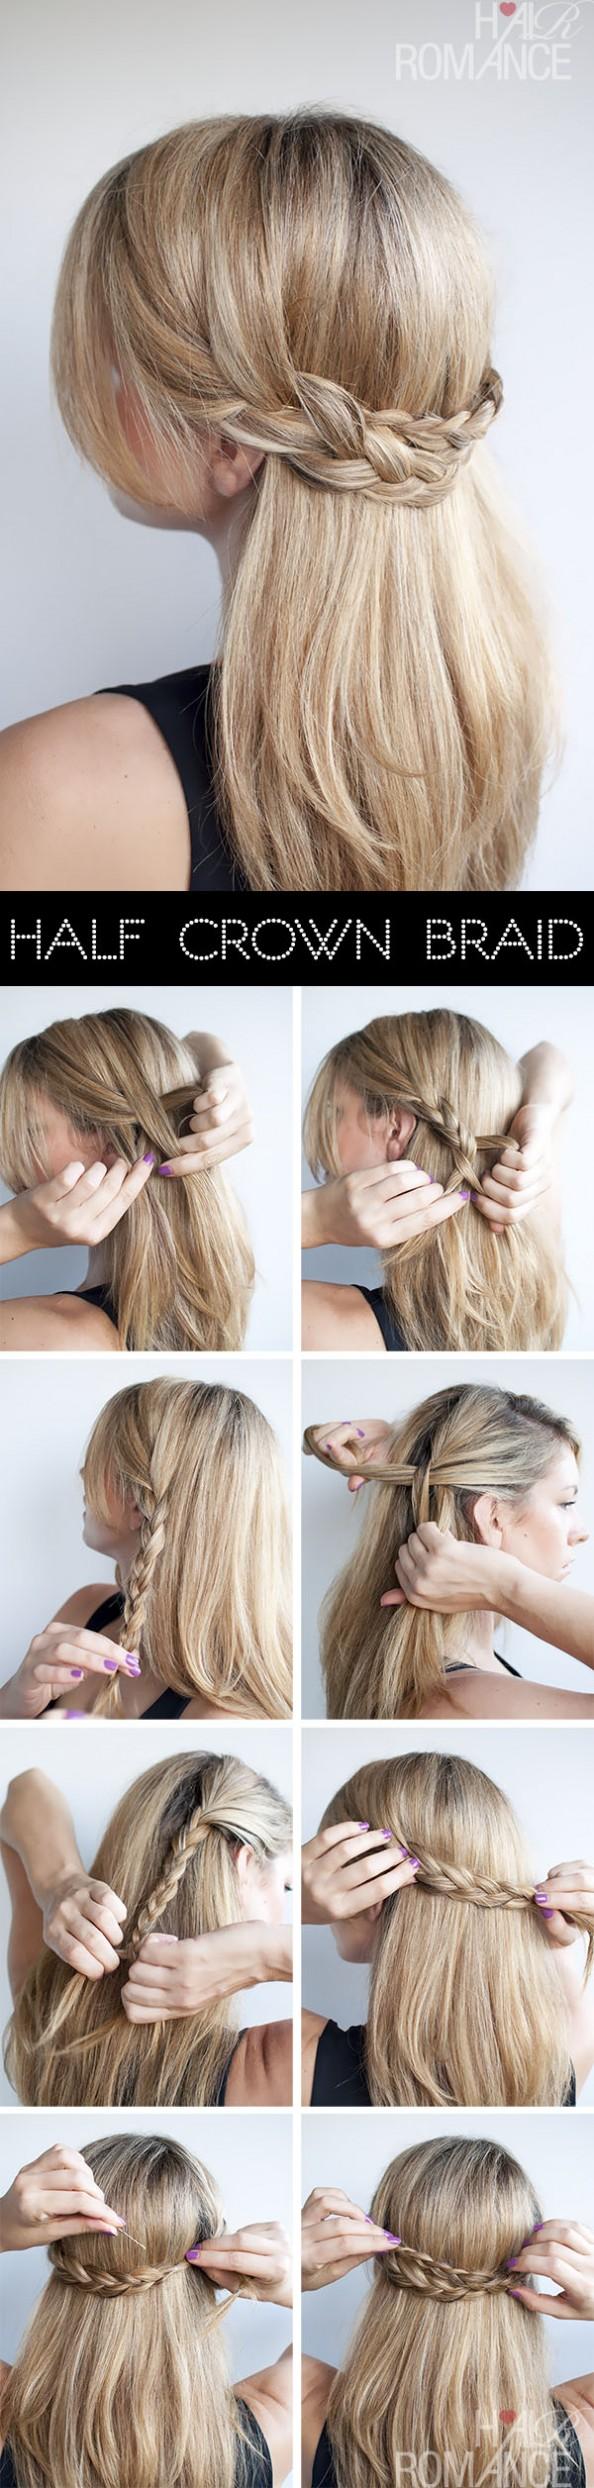 Hair Romance hairstyle tutorial half crown braid